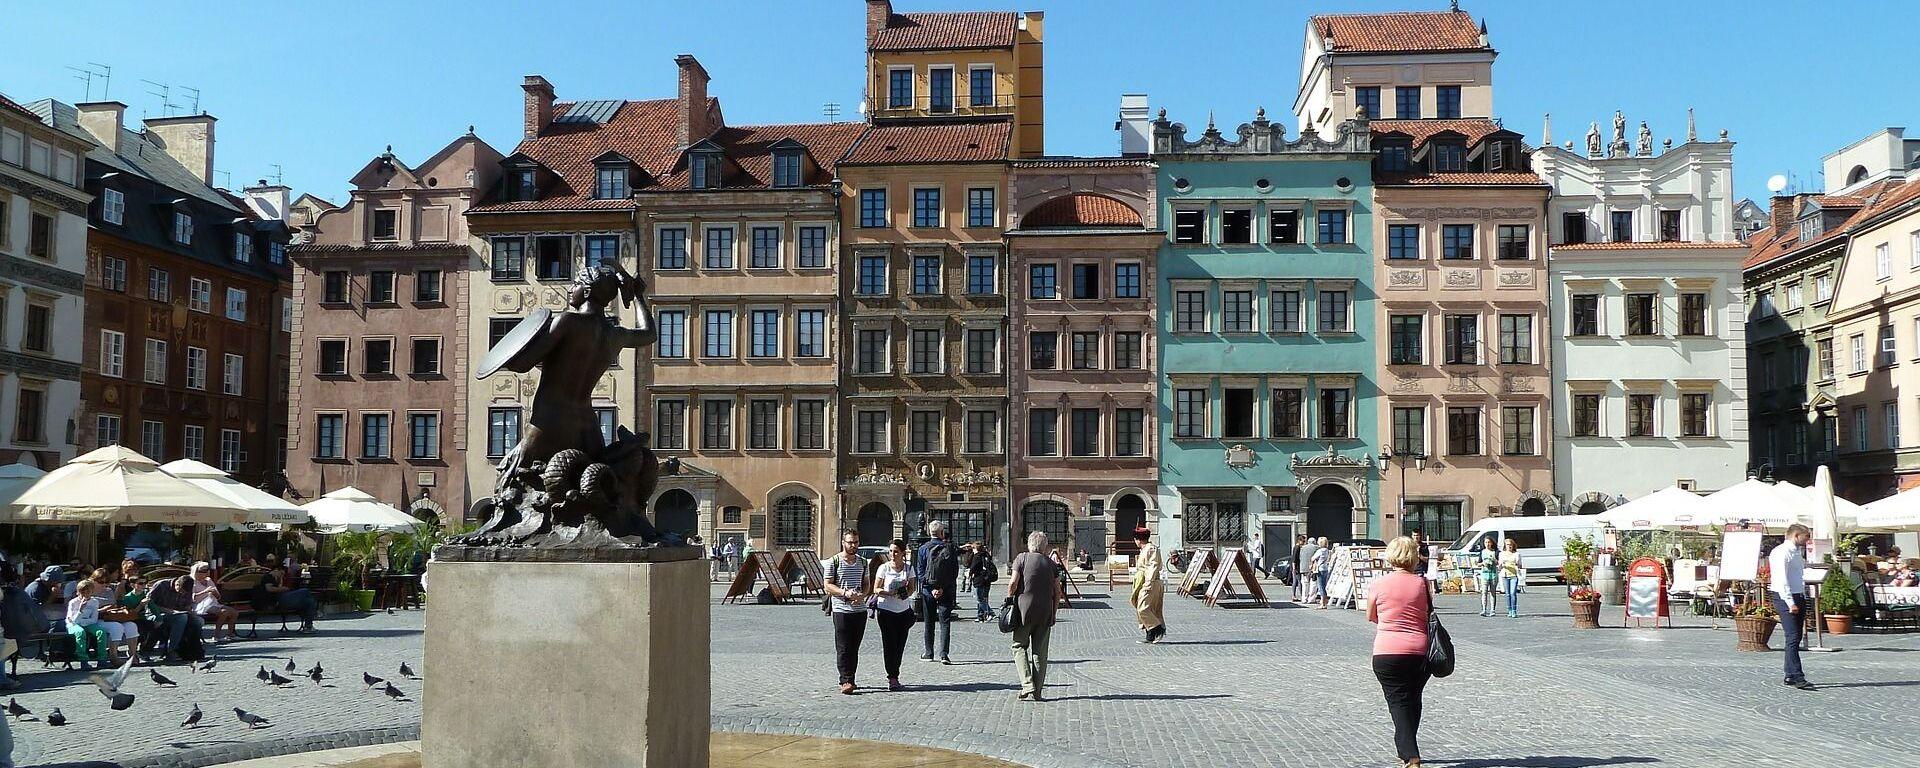 Staré město ve Varšavě - Sputnik Česká republika, 1920, 10.06.2021